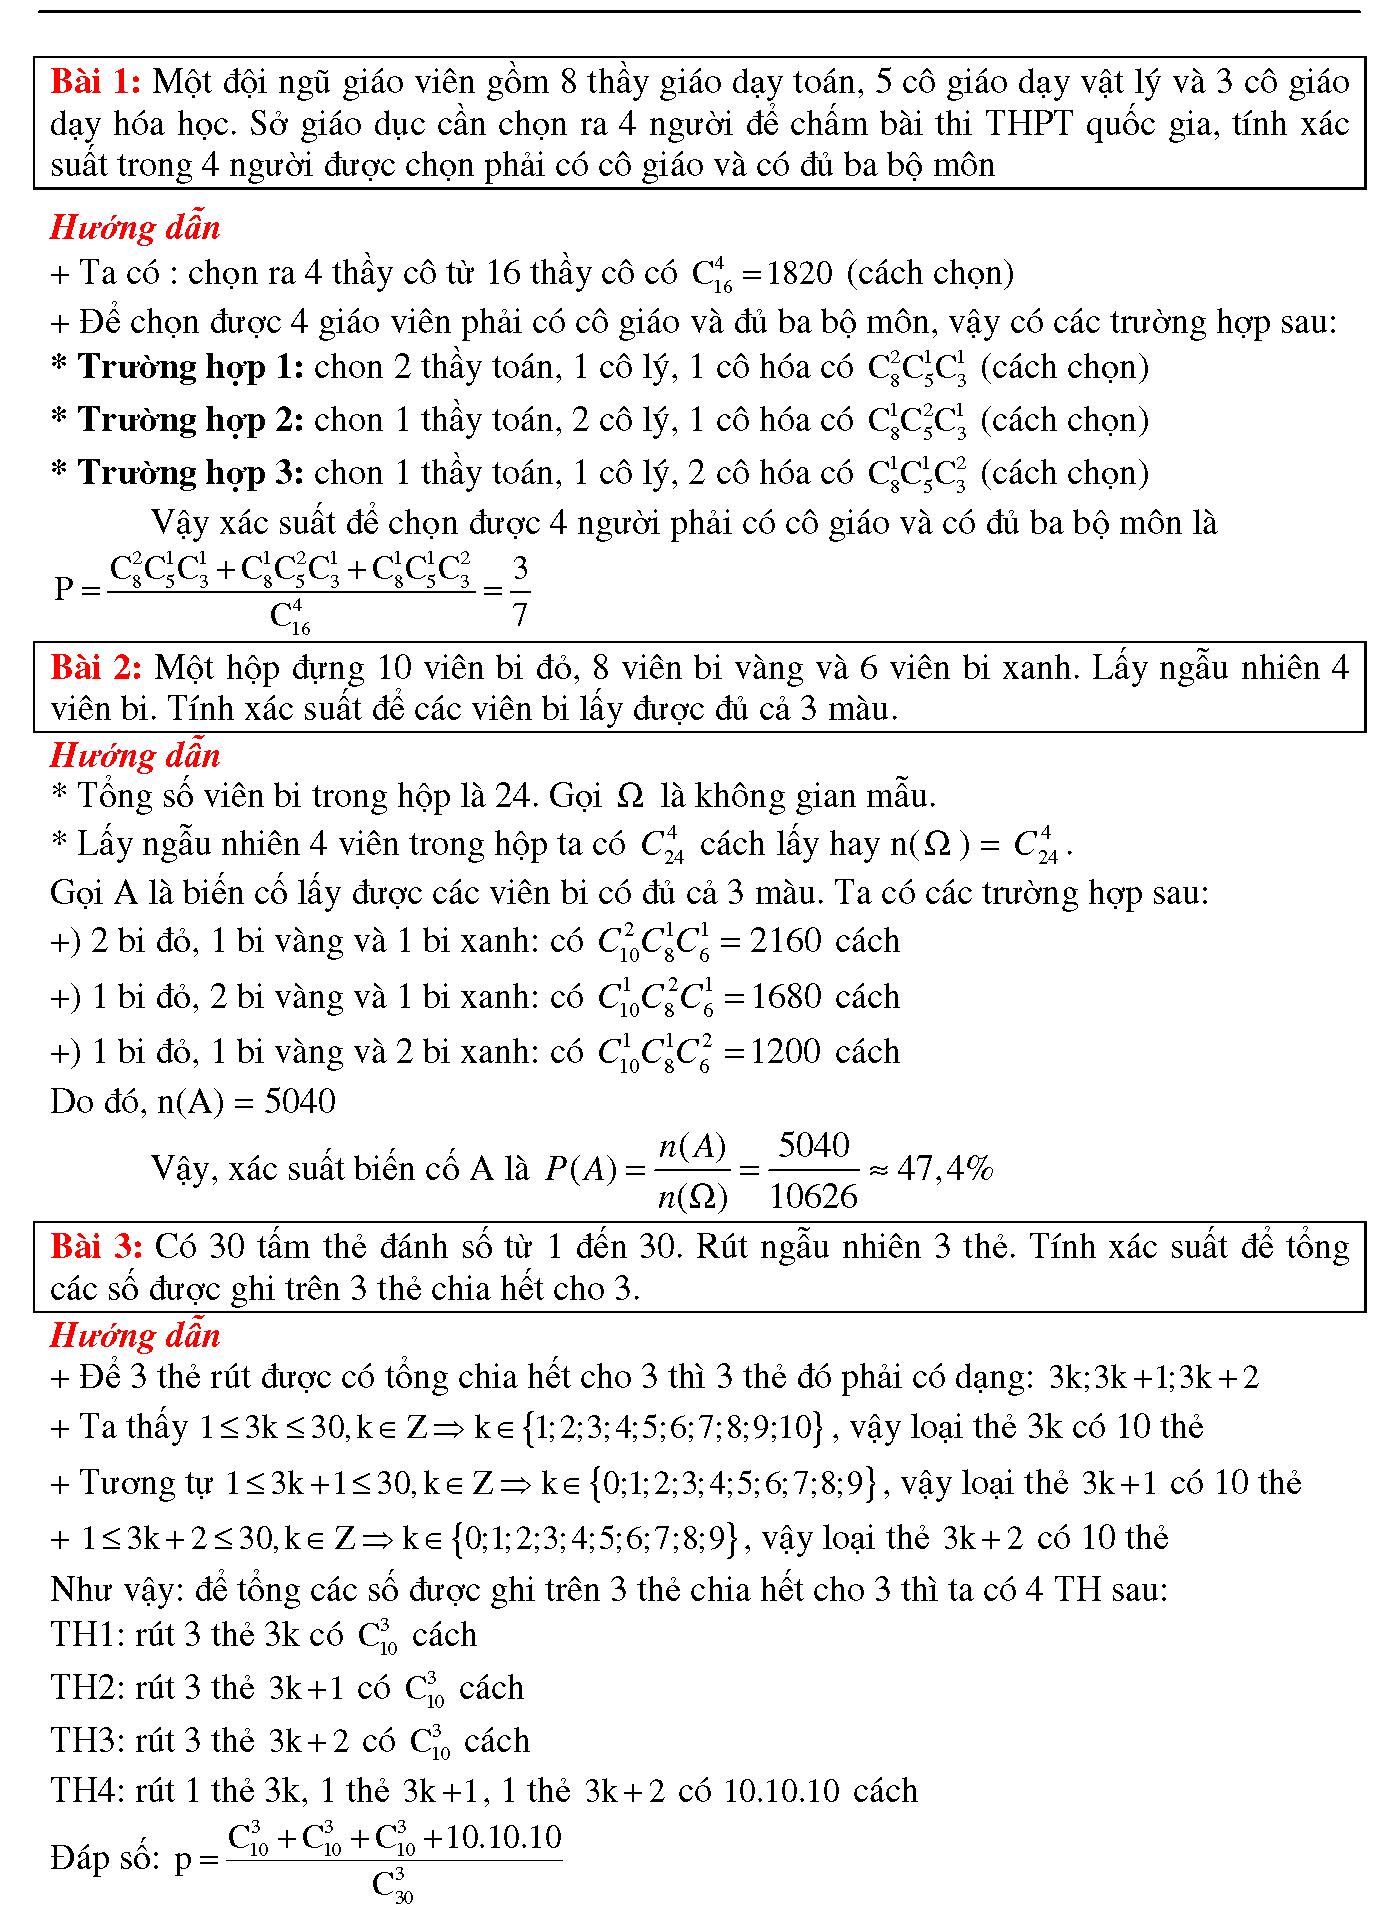 Cách tính xác suất